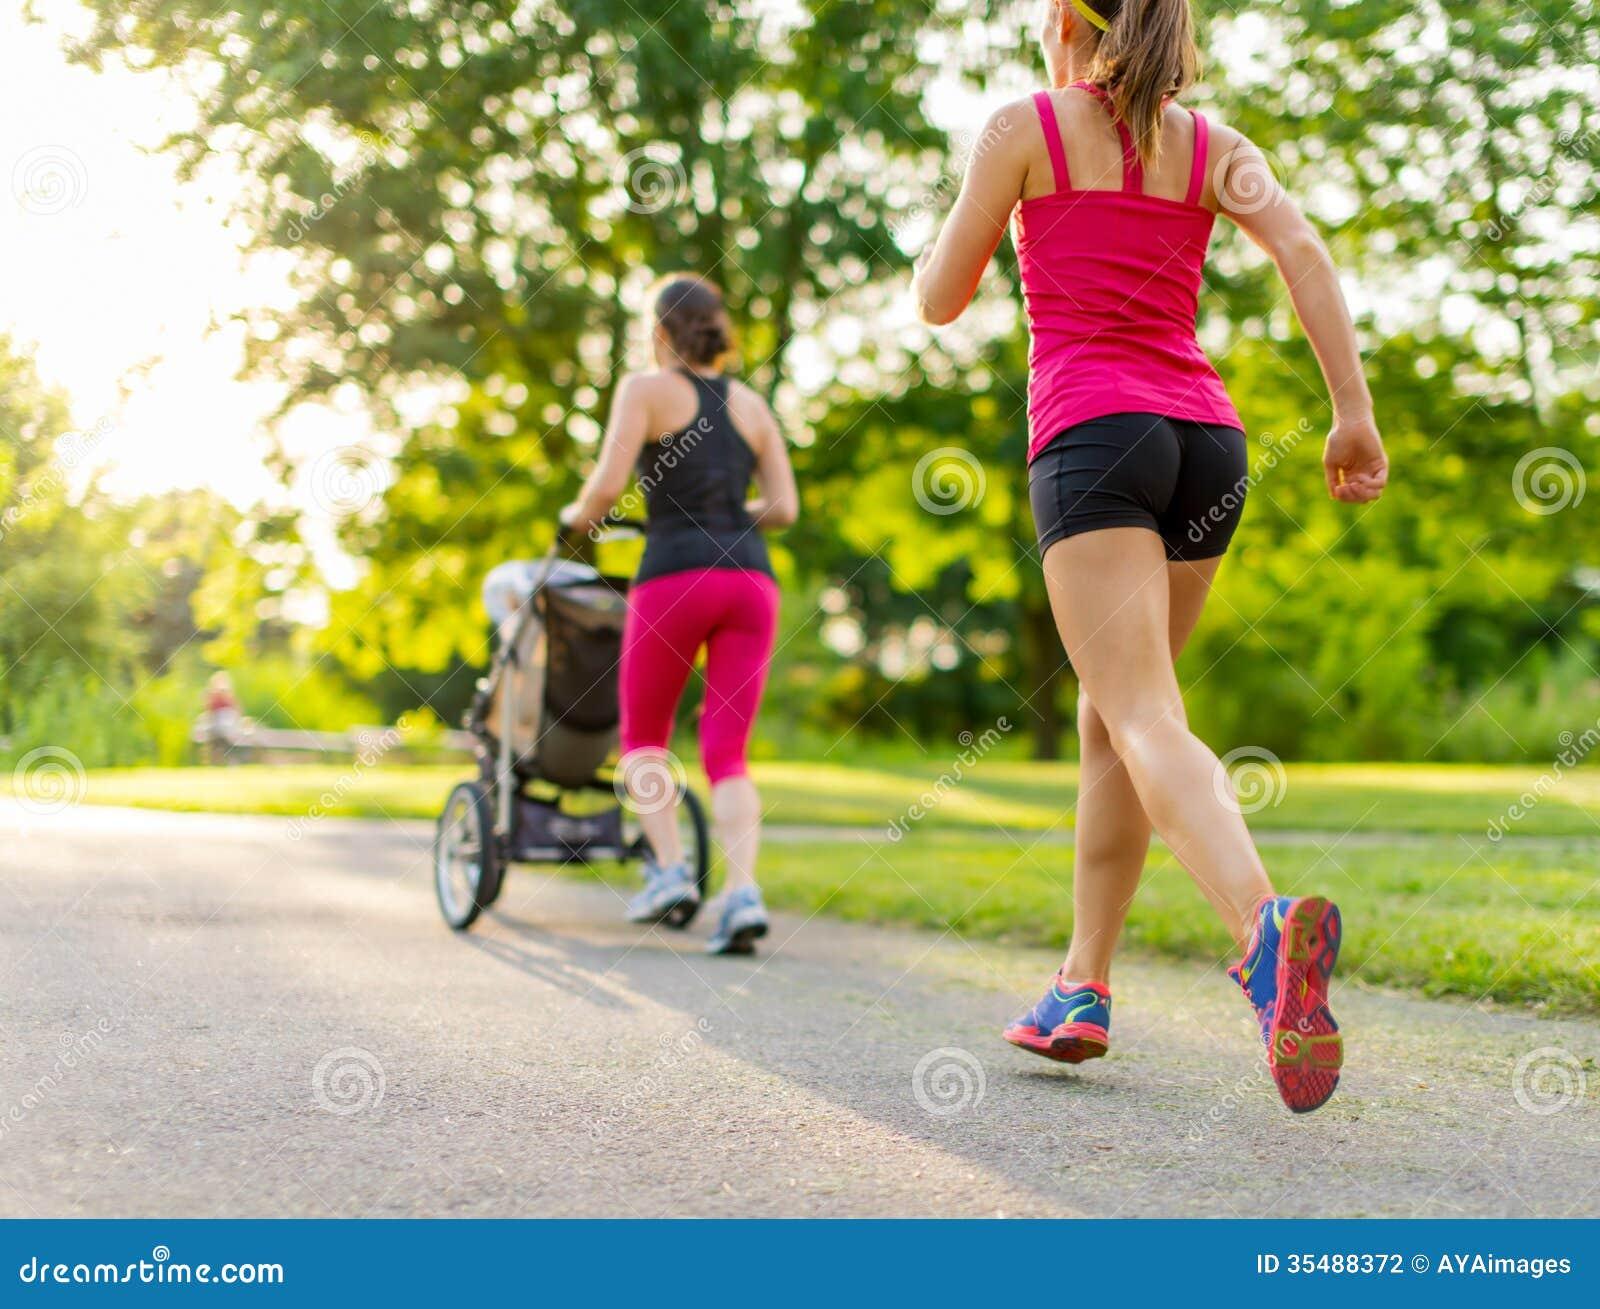 runner stroller #10